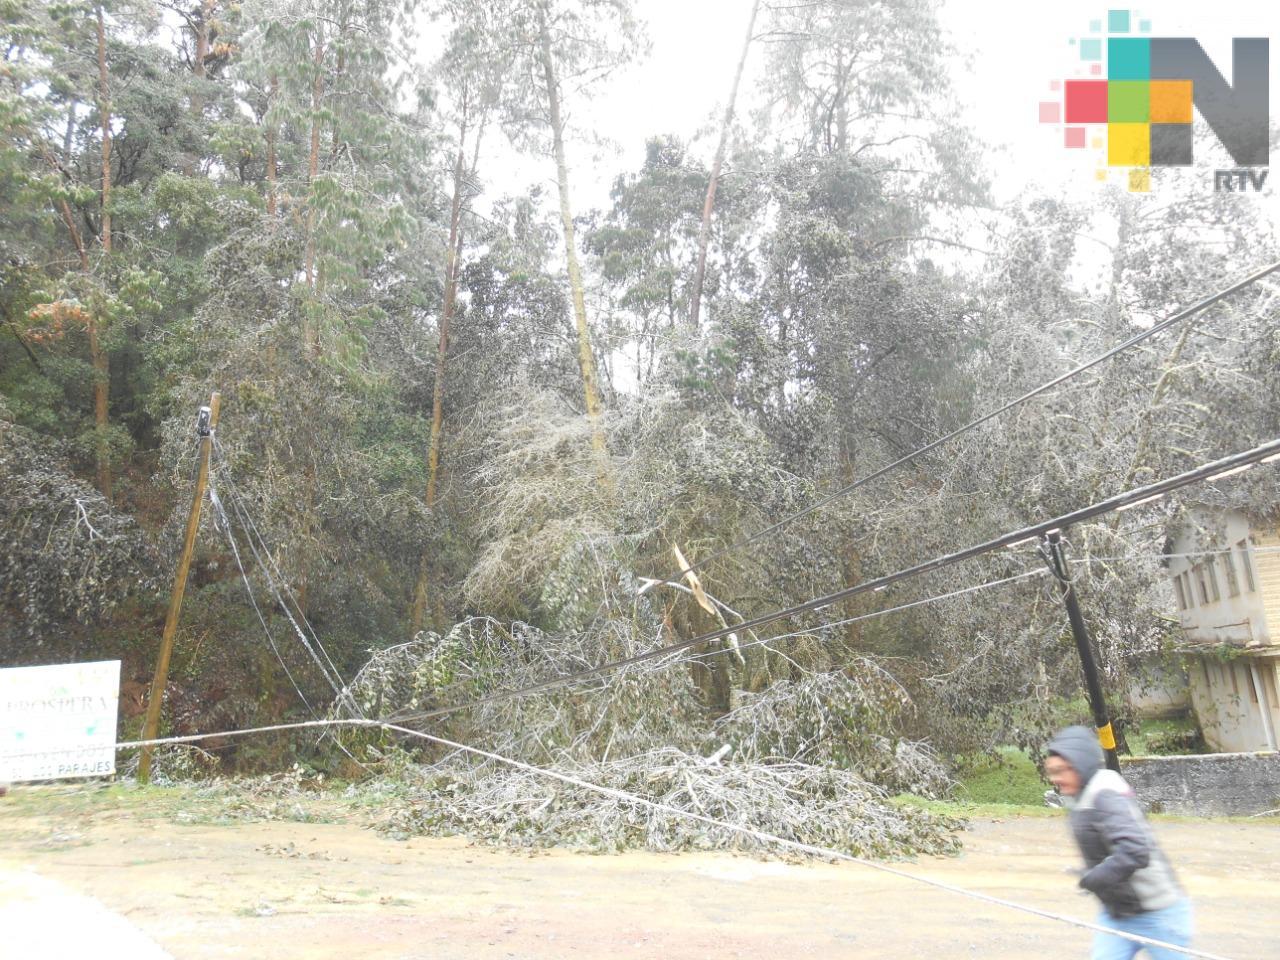 Aguanieve provoca daños en instalación eléctrica y de telefonía de Huayacocotla